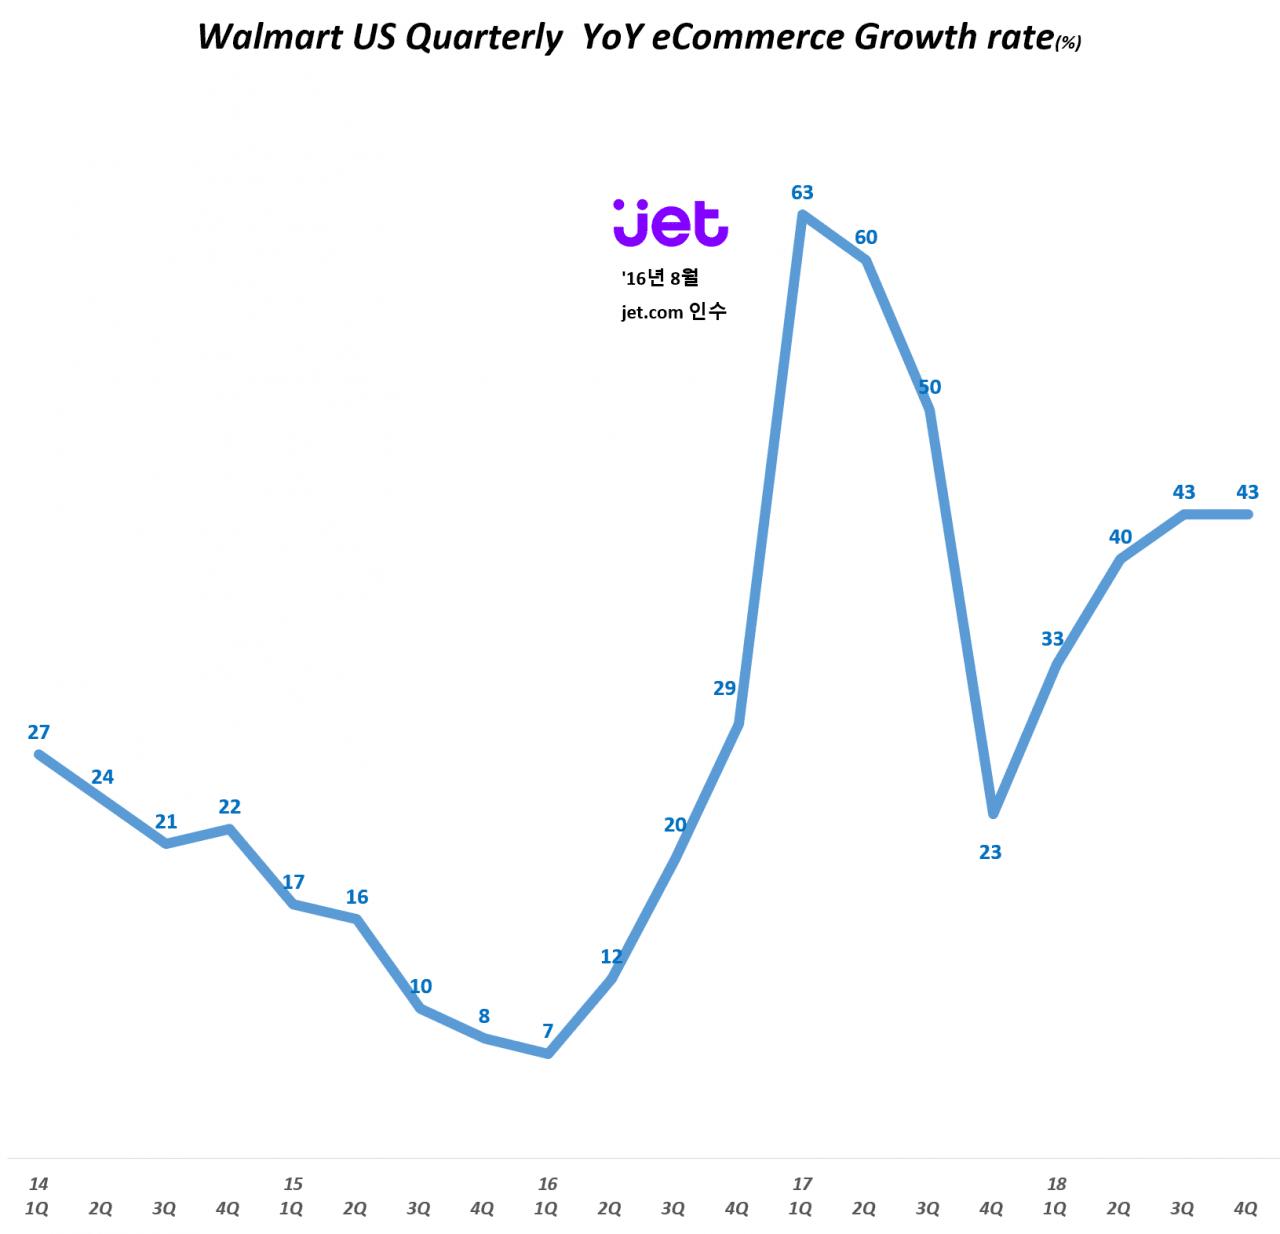 월마트 분기별 이커머스 매출 증가율(2014년 1분기~2018년 4분기) Walmart US Quarterly  YoY eCommerce Growth rate(%), Graph by Happist